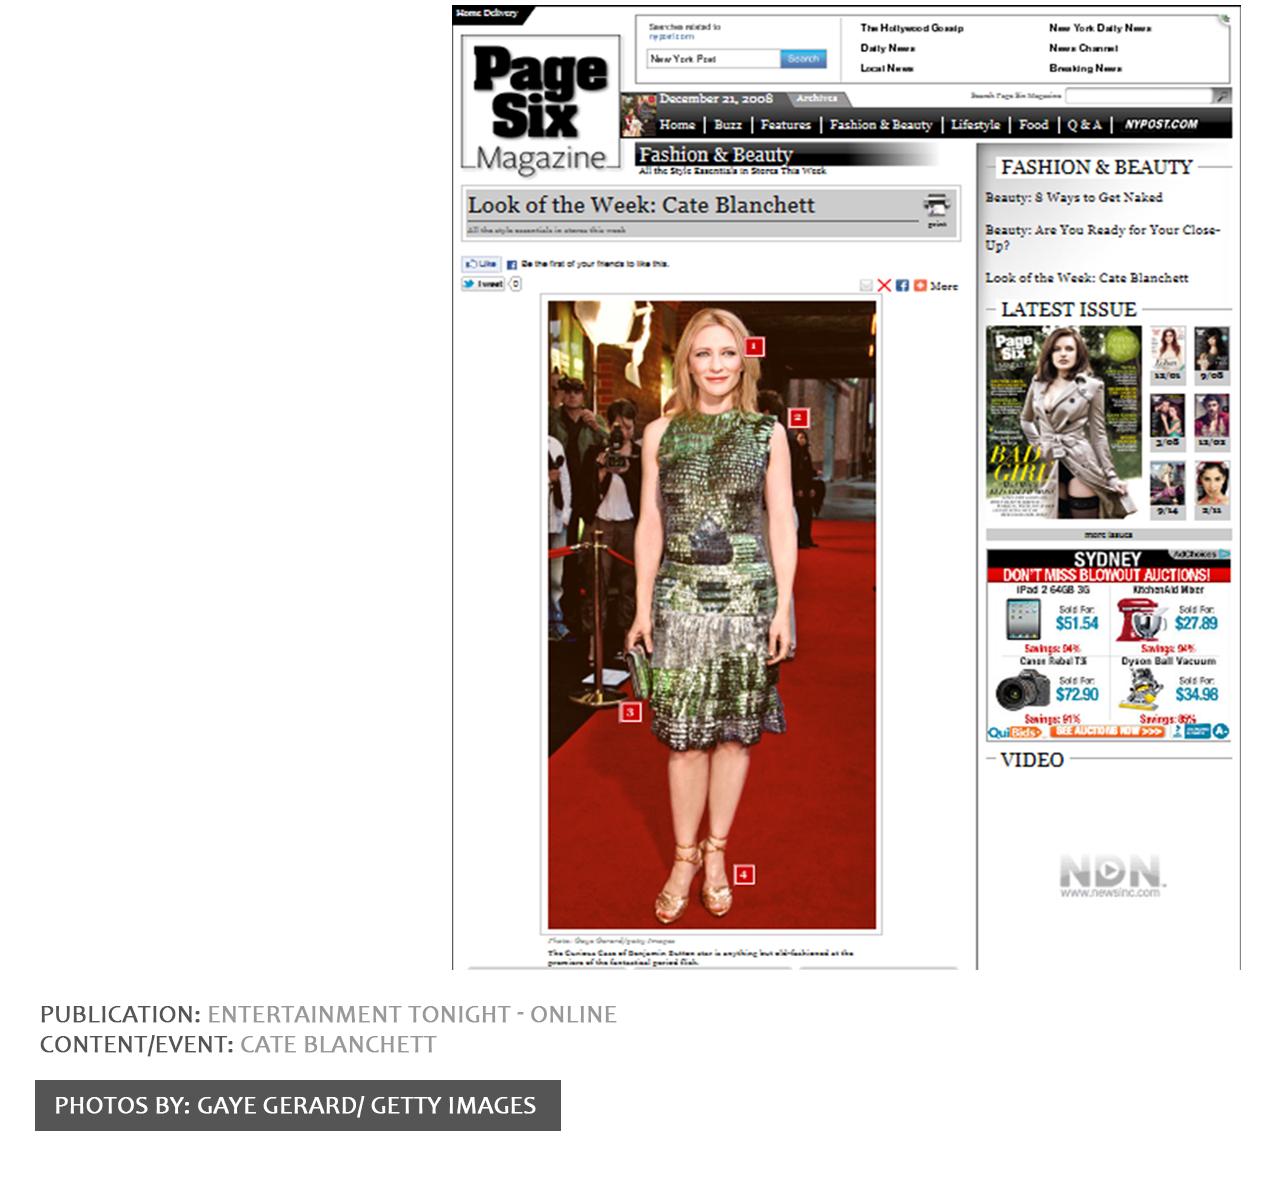 Cate_Blanchett_Entertainment_Tonight.jpg